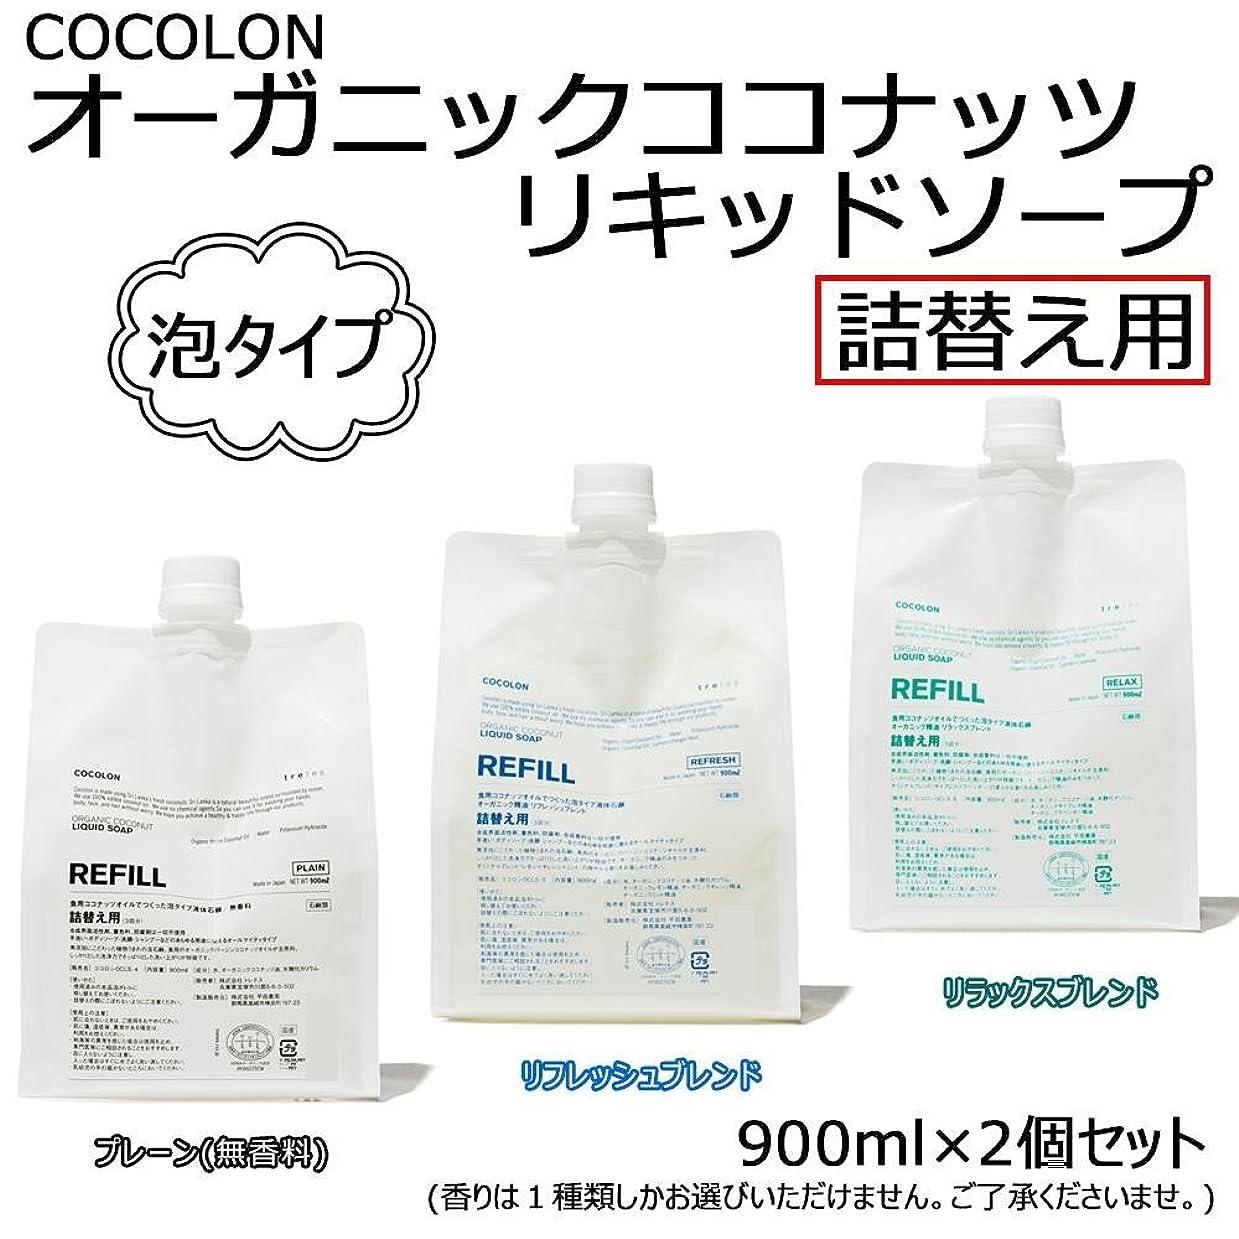 シチリア永遠に専制COCOLON ココロン オーガニックココナッツリキッドソープ 泡タイプ 詰替え用 900ml 2個セット【同梱?代引不可】 ■3種類の内「プレーン(無香料)」のみです